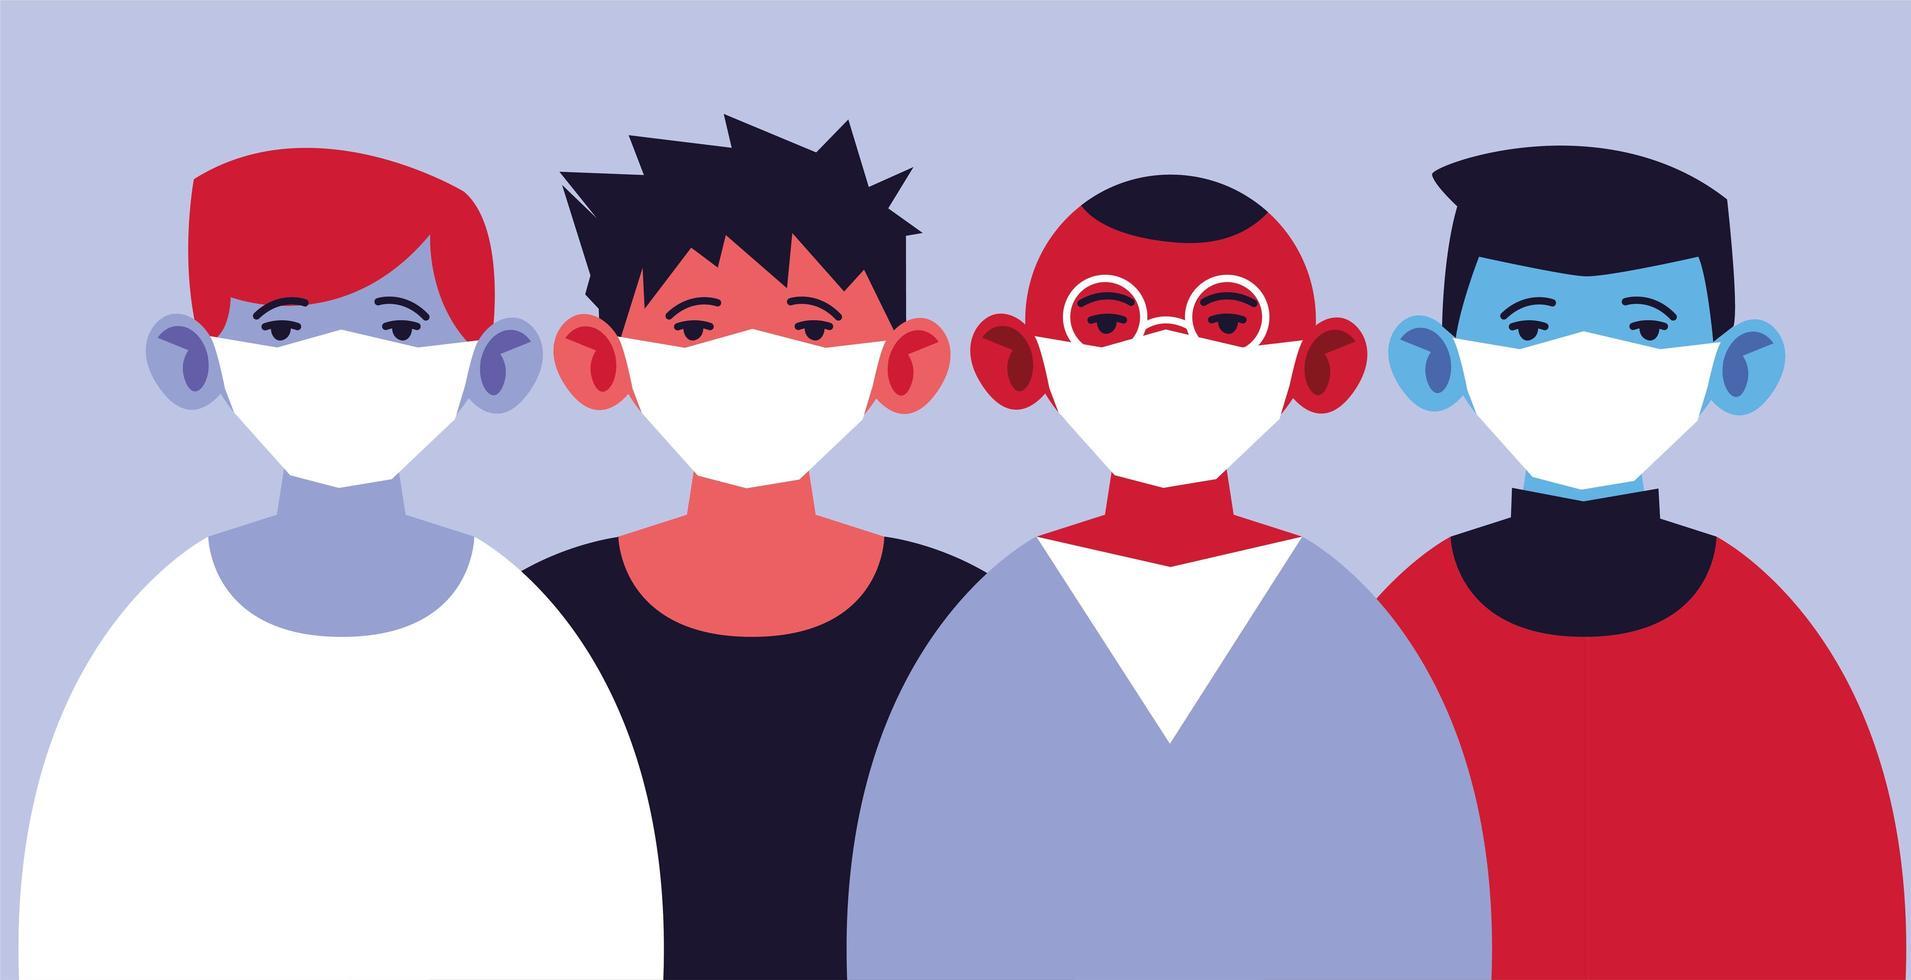 groupe d'hommes portant des masques médicaux, se protégeant vecteur